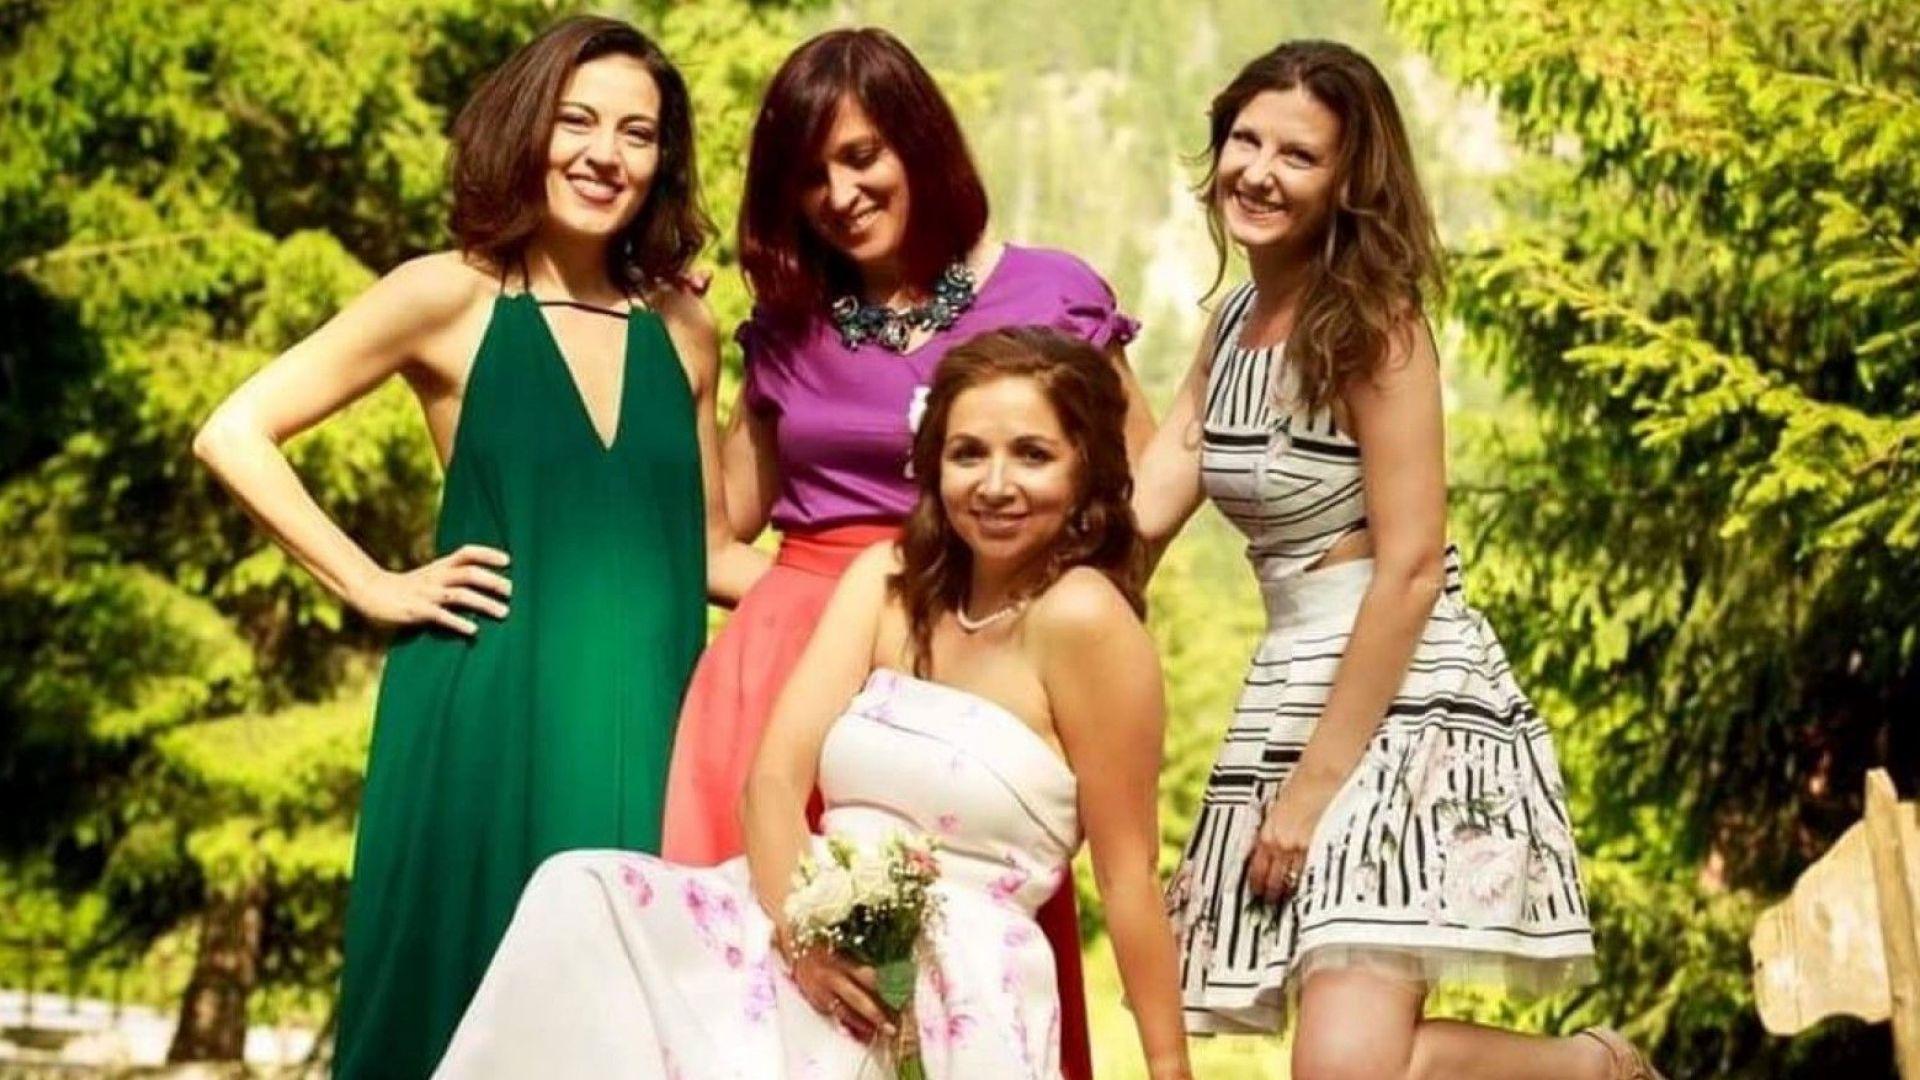 Ани Цолова, Миролюба Бенатова и Деси Стоянова шаферки на сватбата на Сарелска